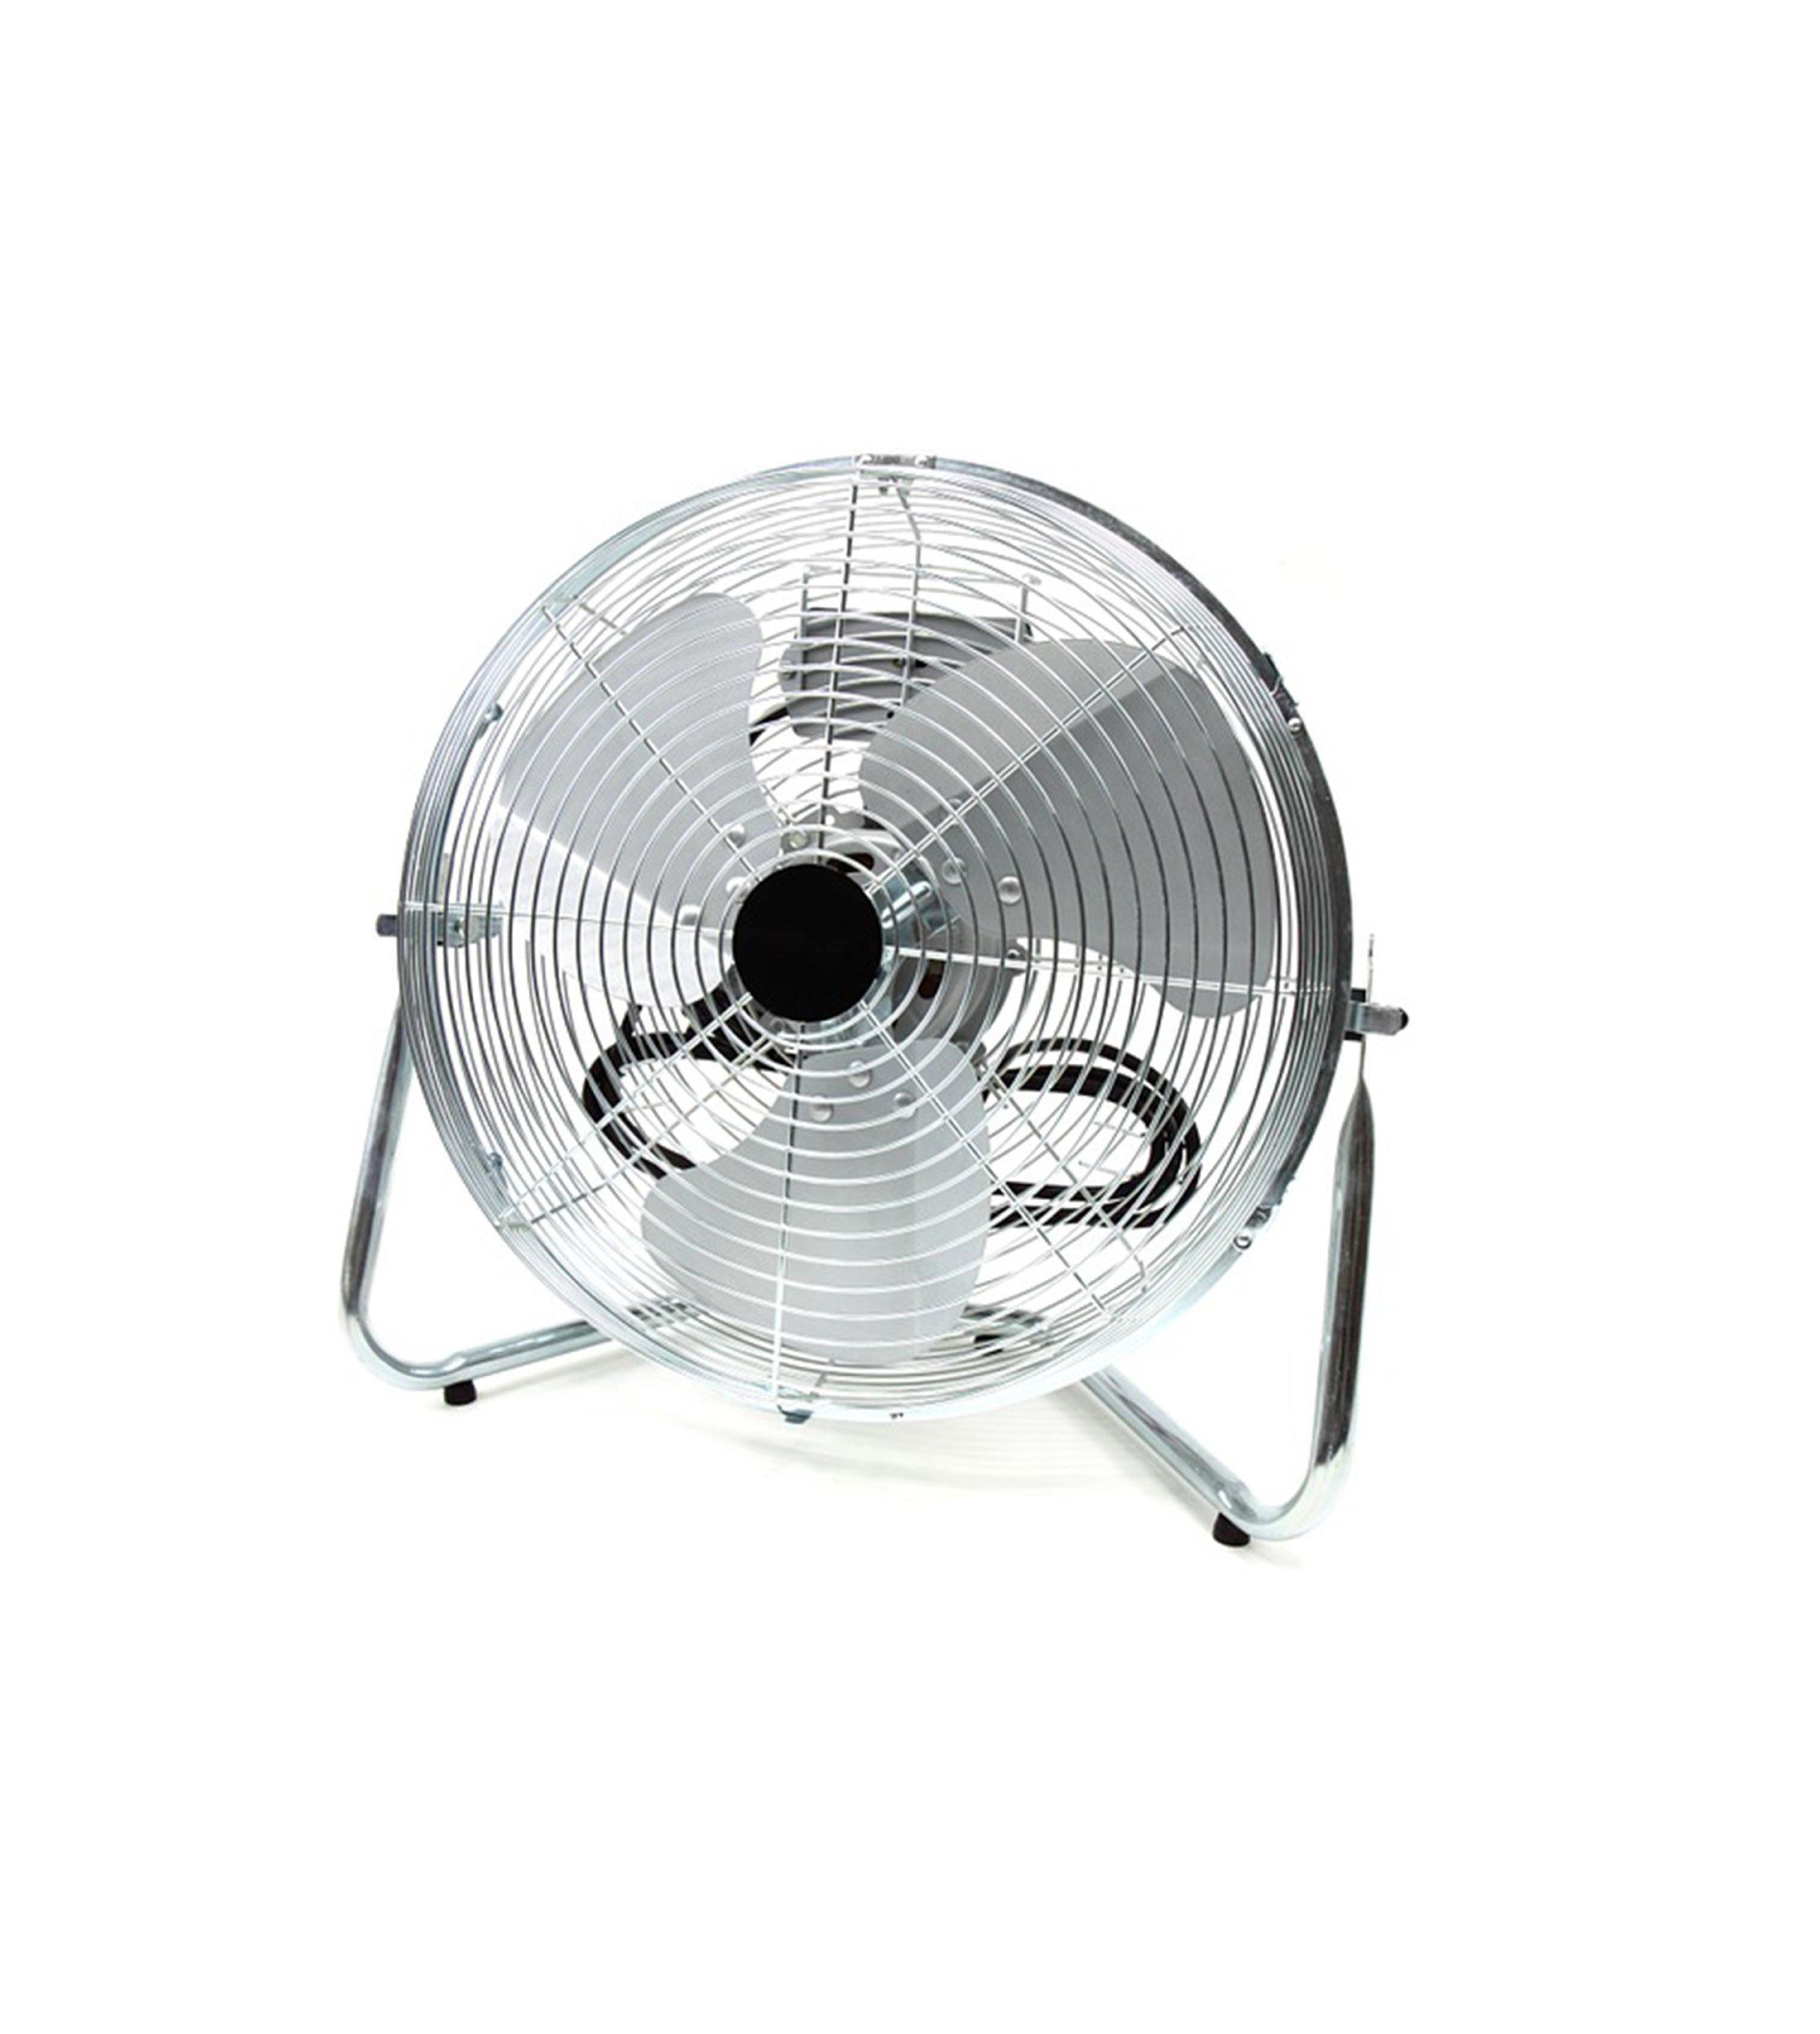 Gorilla Fan - Table fans